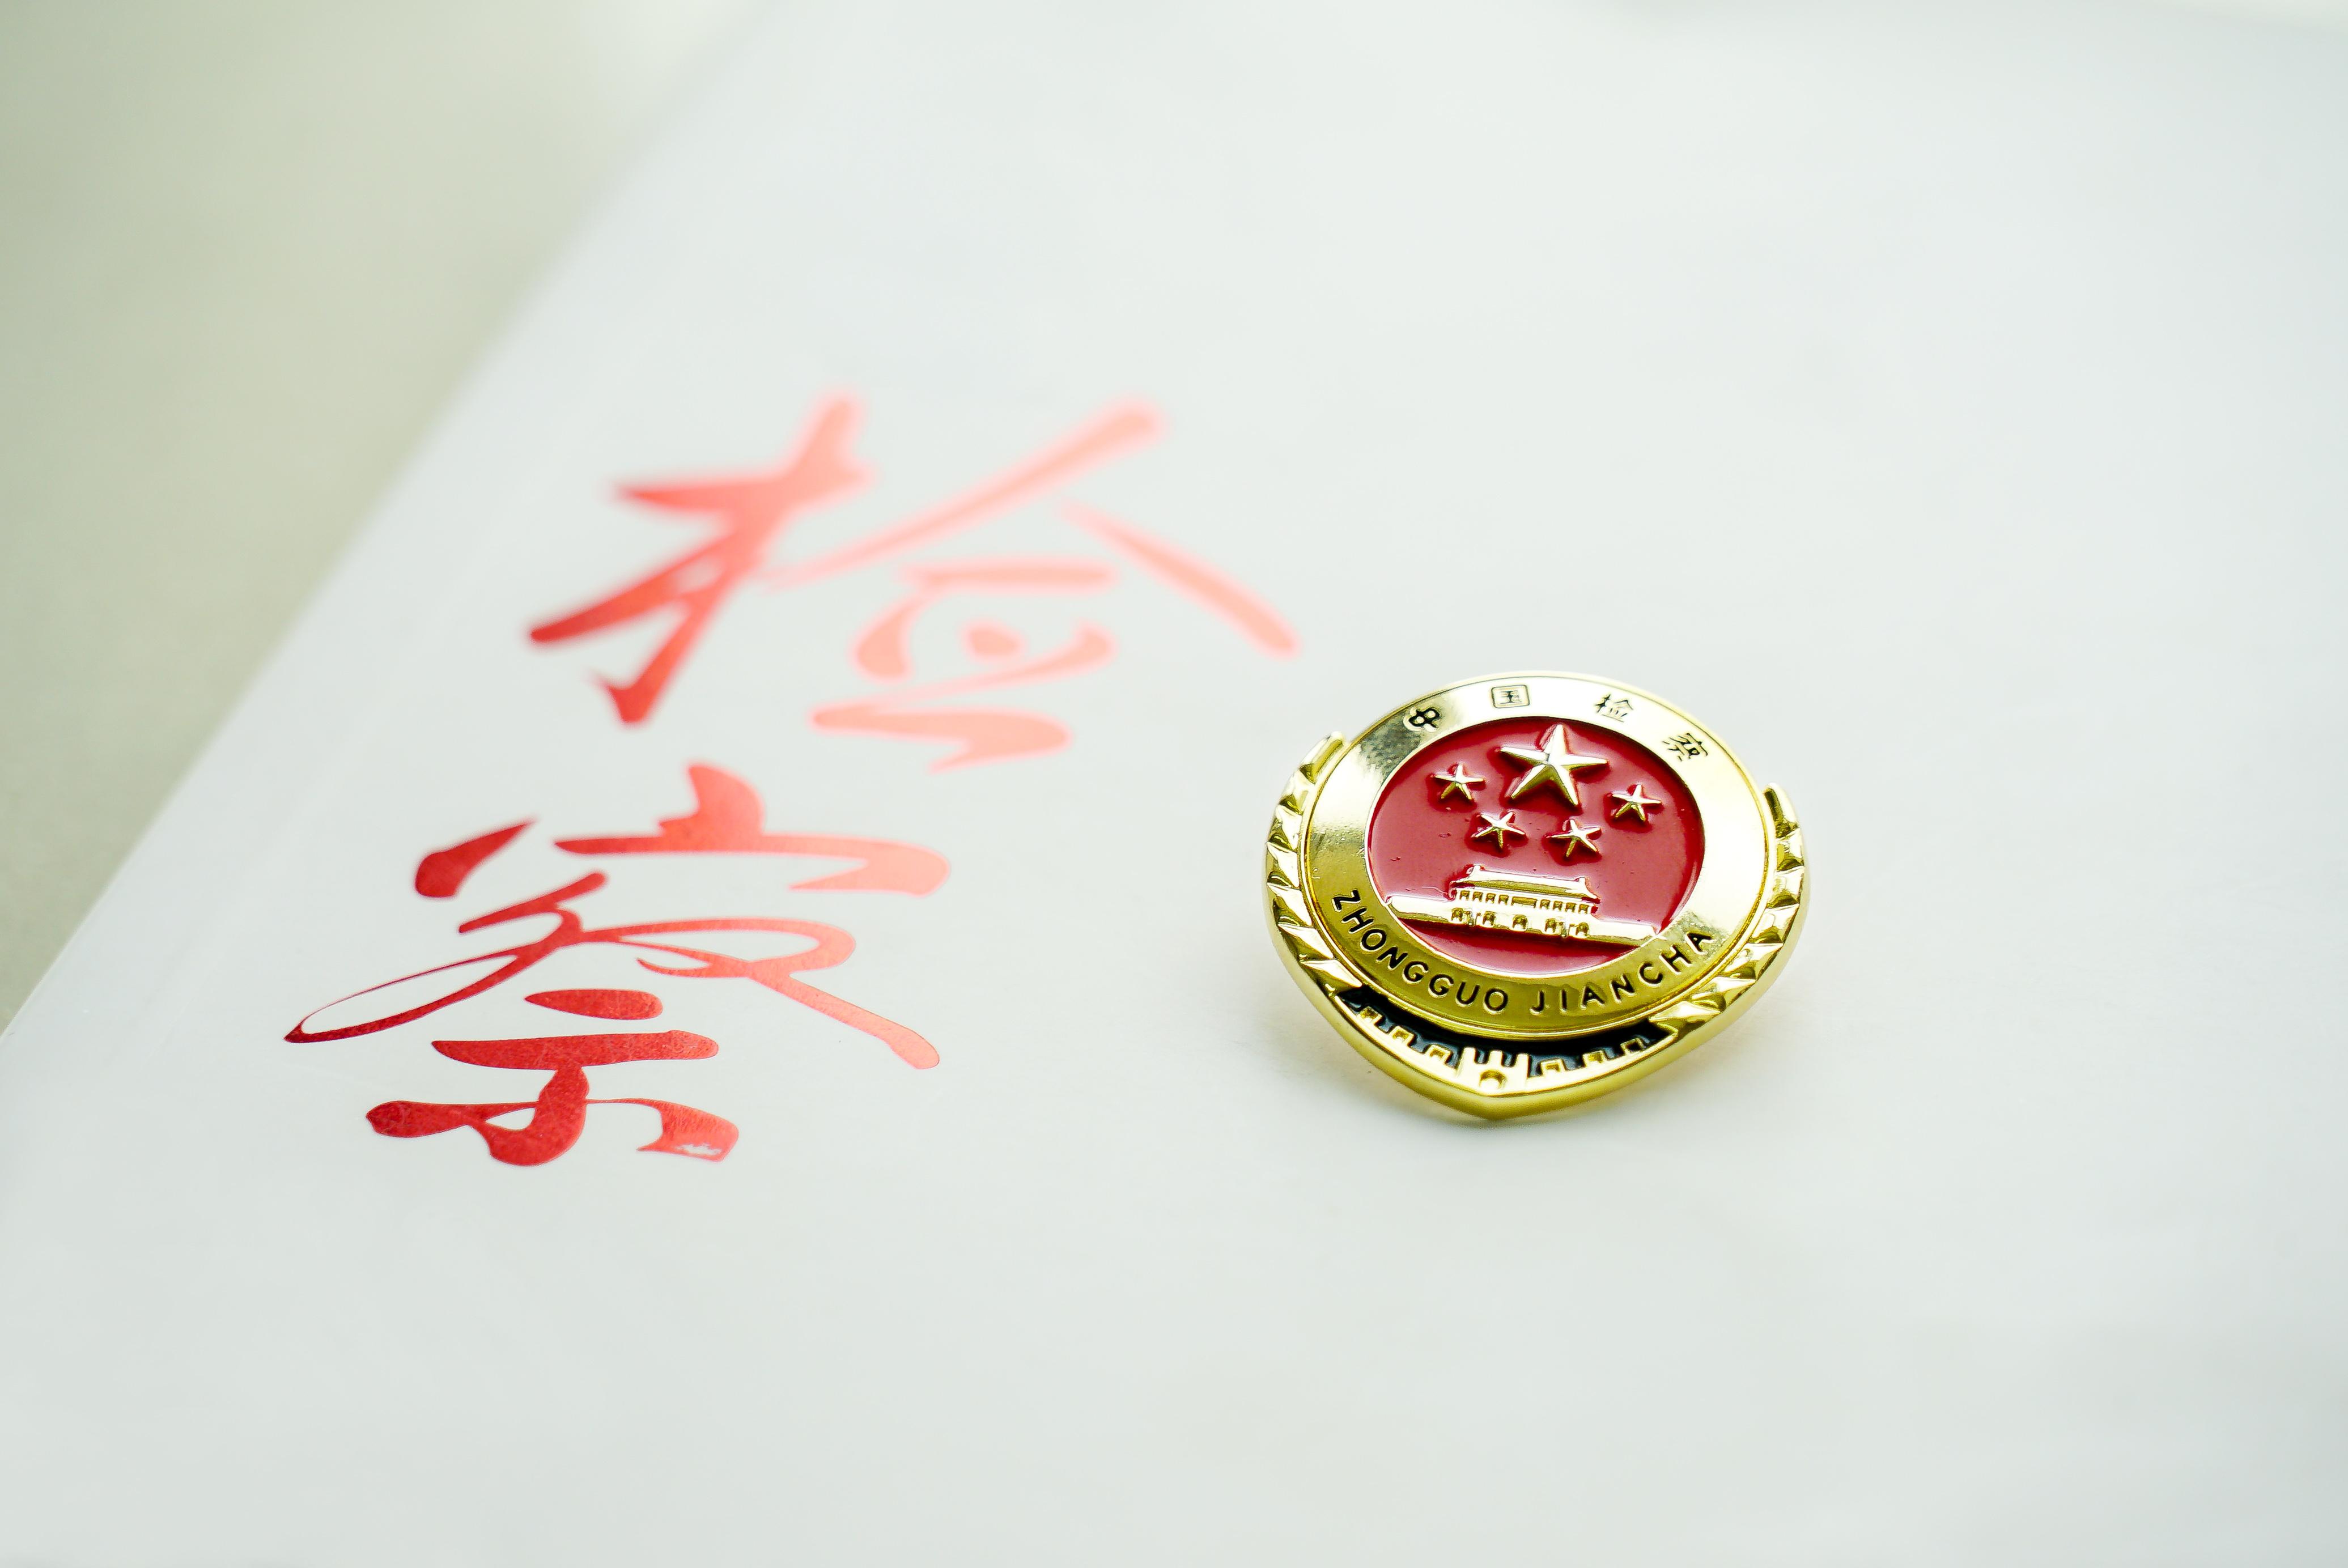 浙江省委办公厅印发《进一步加强检察机关法律监督工作的若干意见》